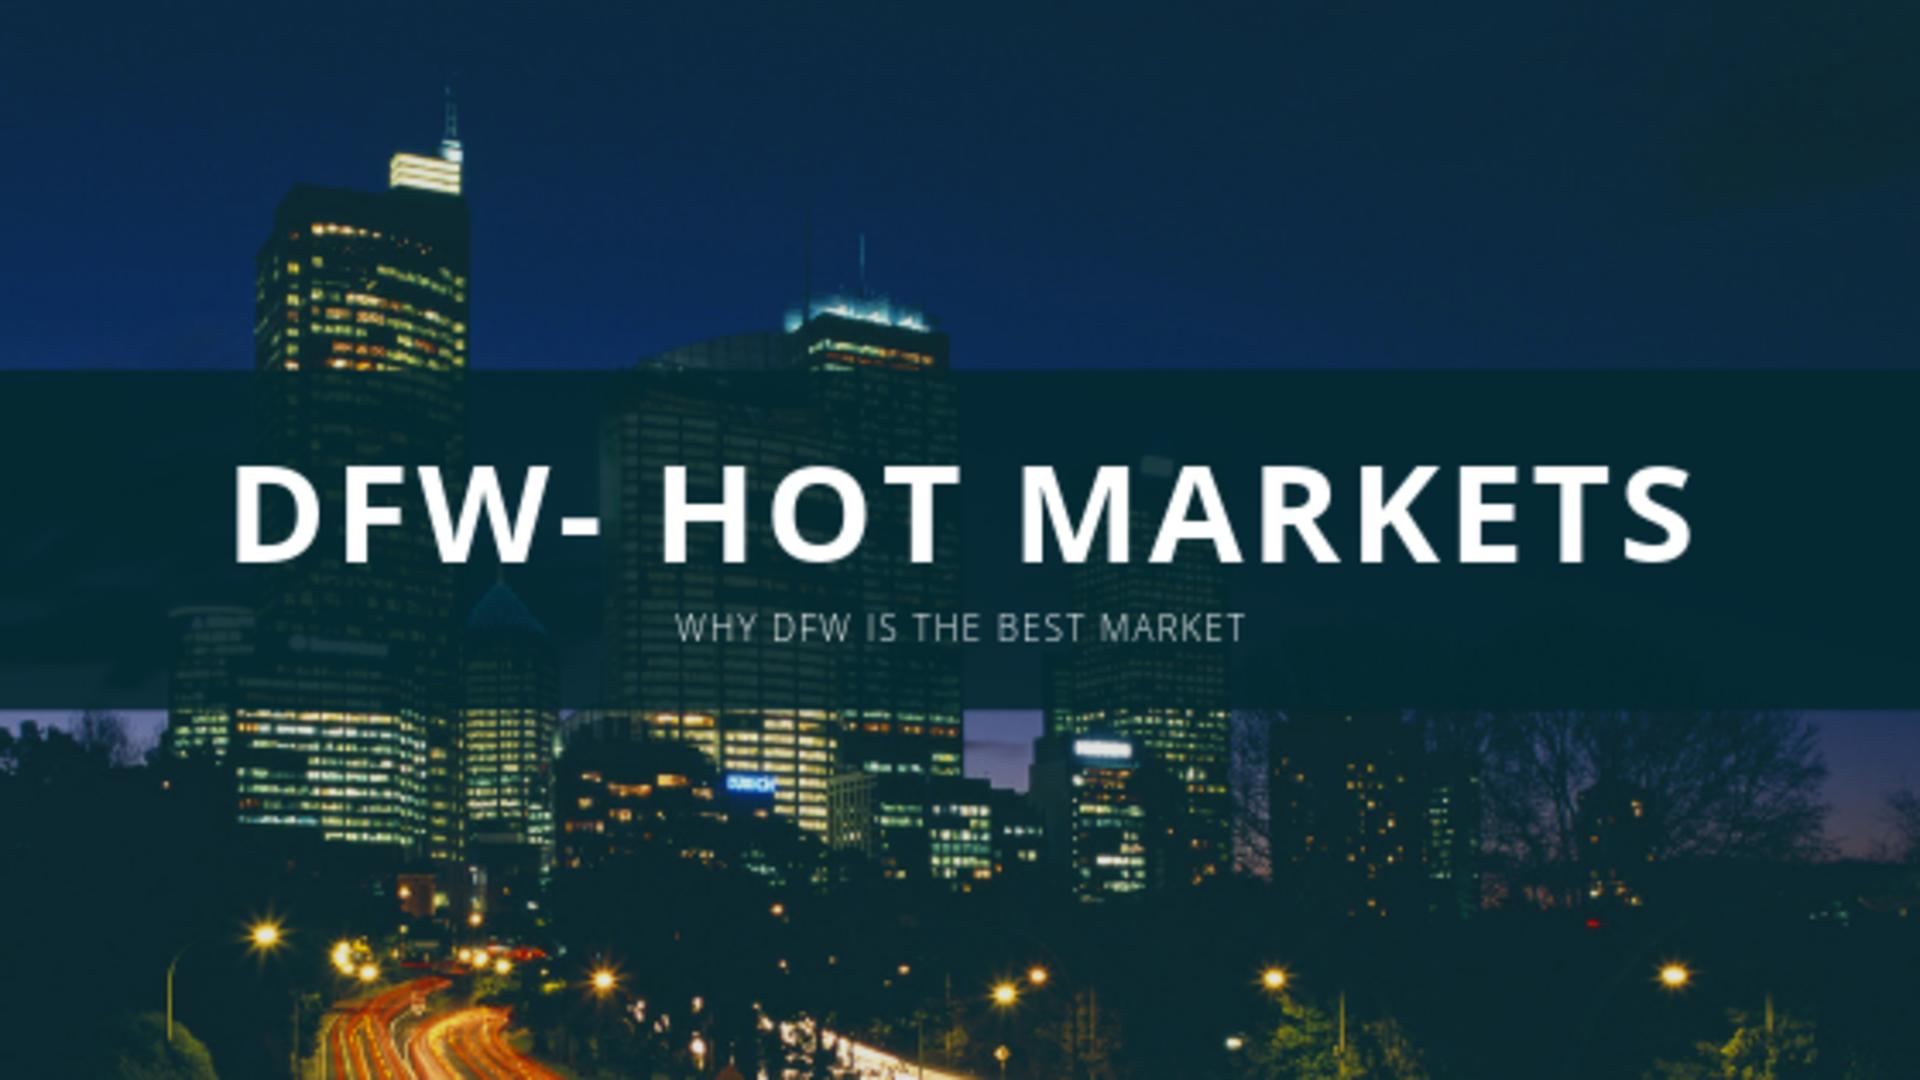 Hot Markets 2019: DFW and LA